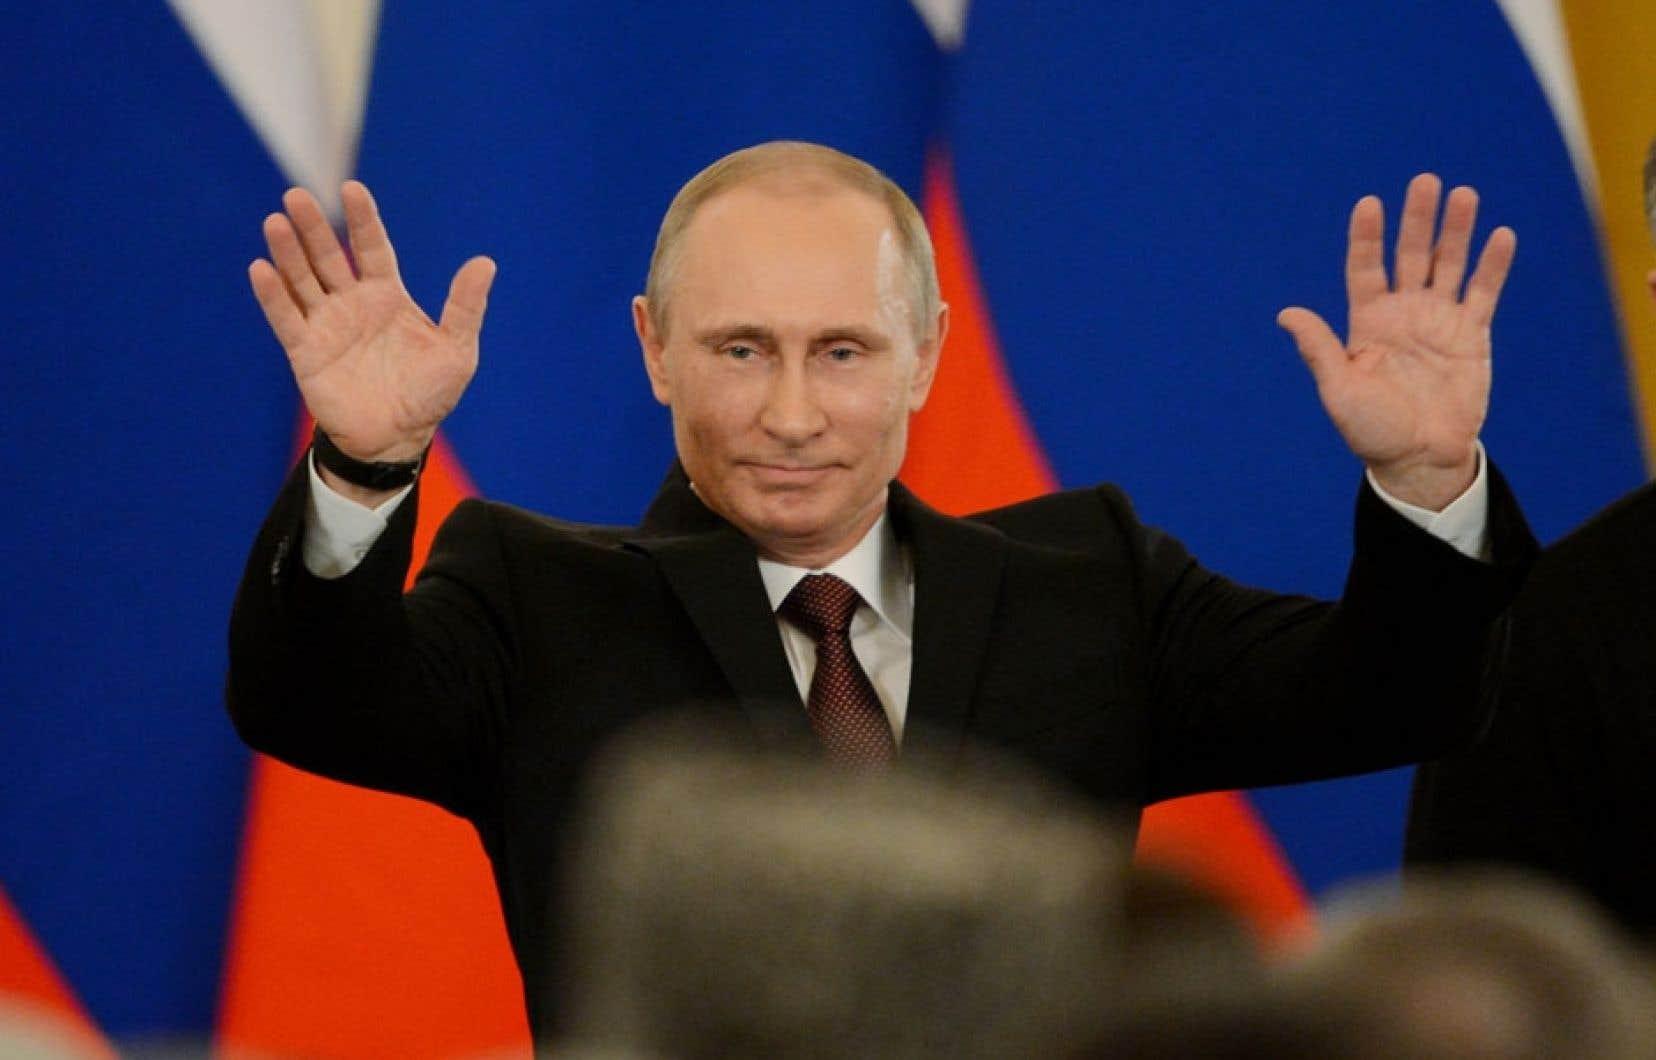 Le président russe, Vladimir Poutine, levant les bras après avoir a signé un traité qui rattache officiellement la Crimée à la Russie, mardi à Moscou.